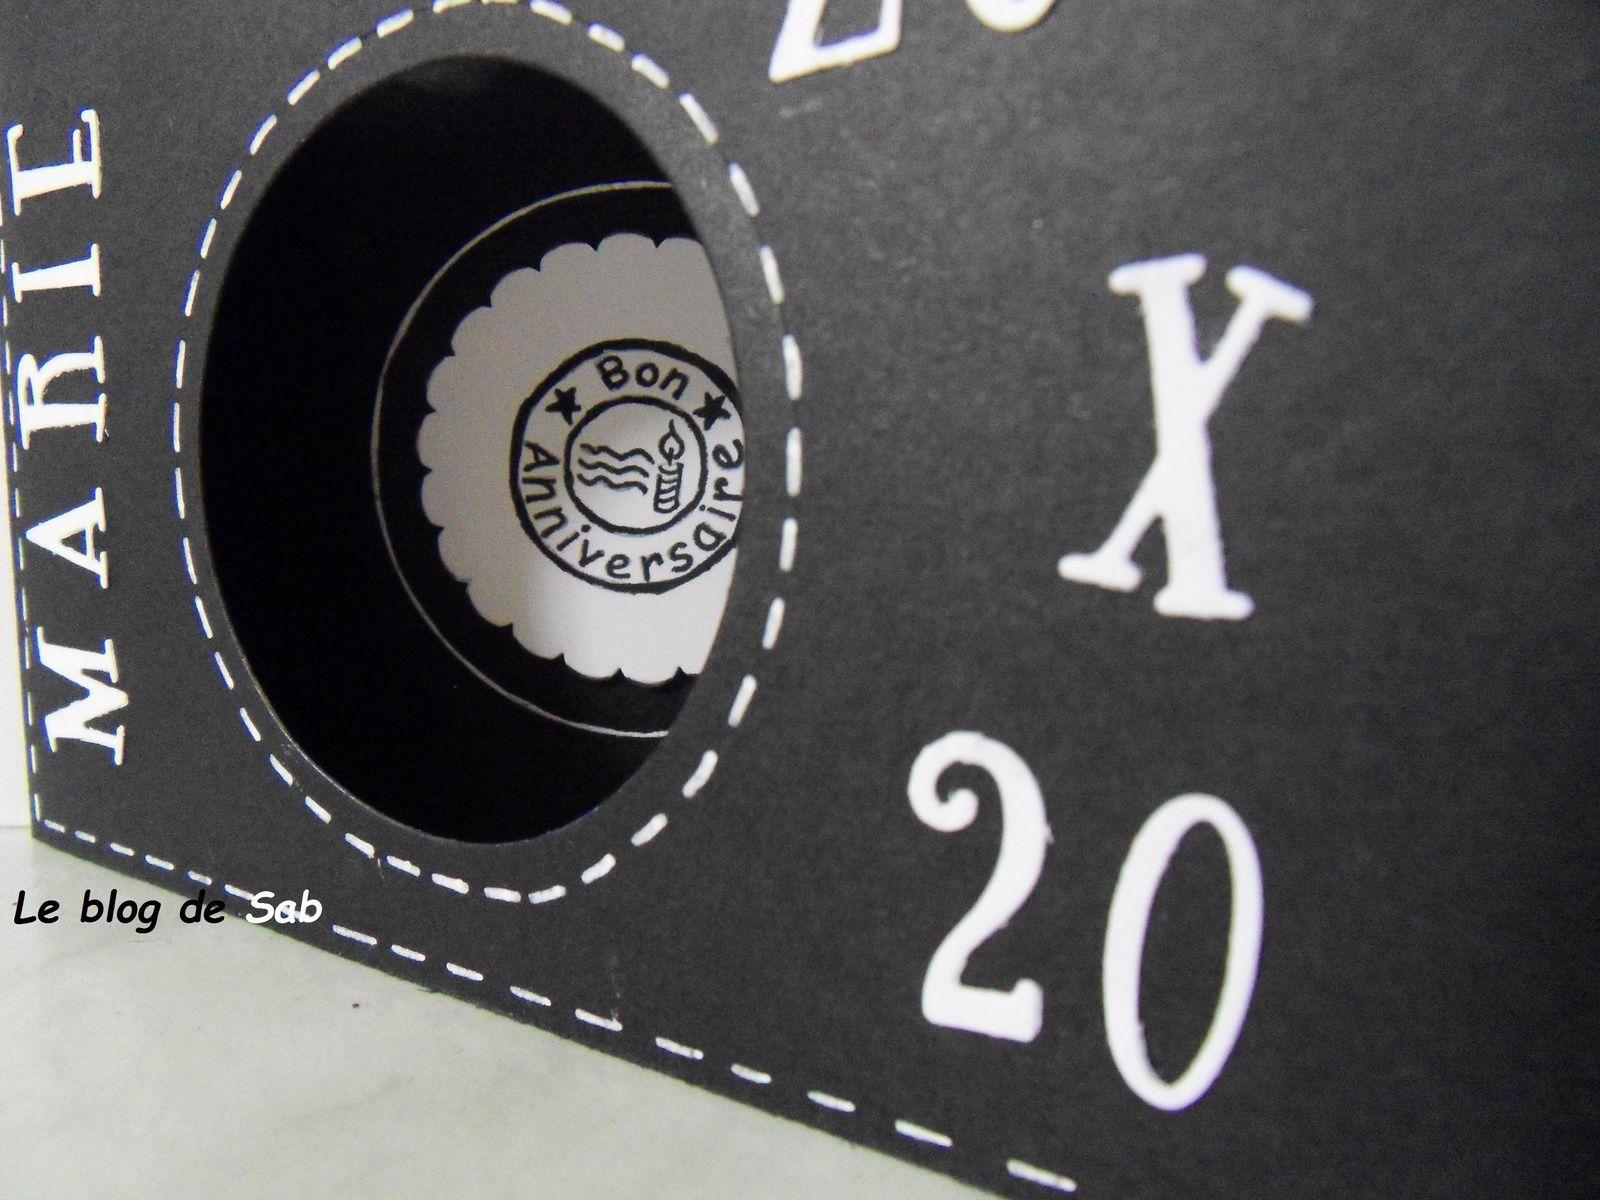 Carte anniversaire femme 20 ans &quot&#x3B;photographe&quot&#x3B;